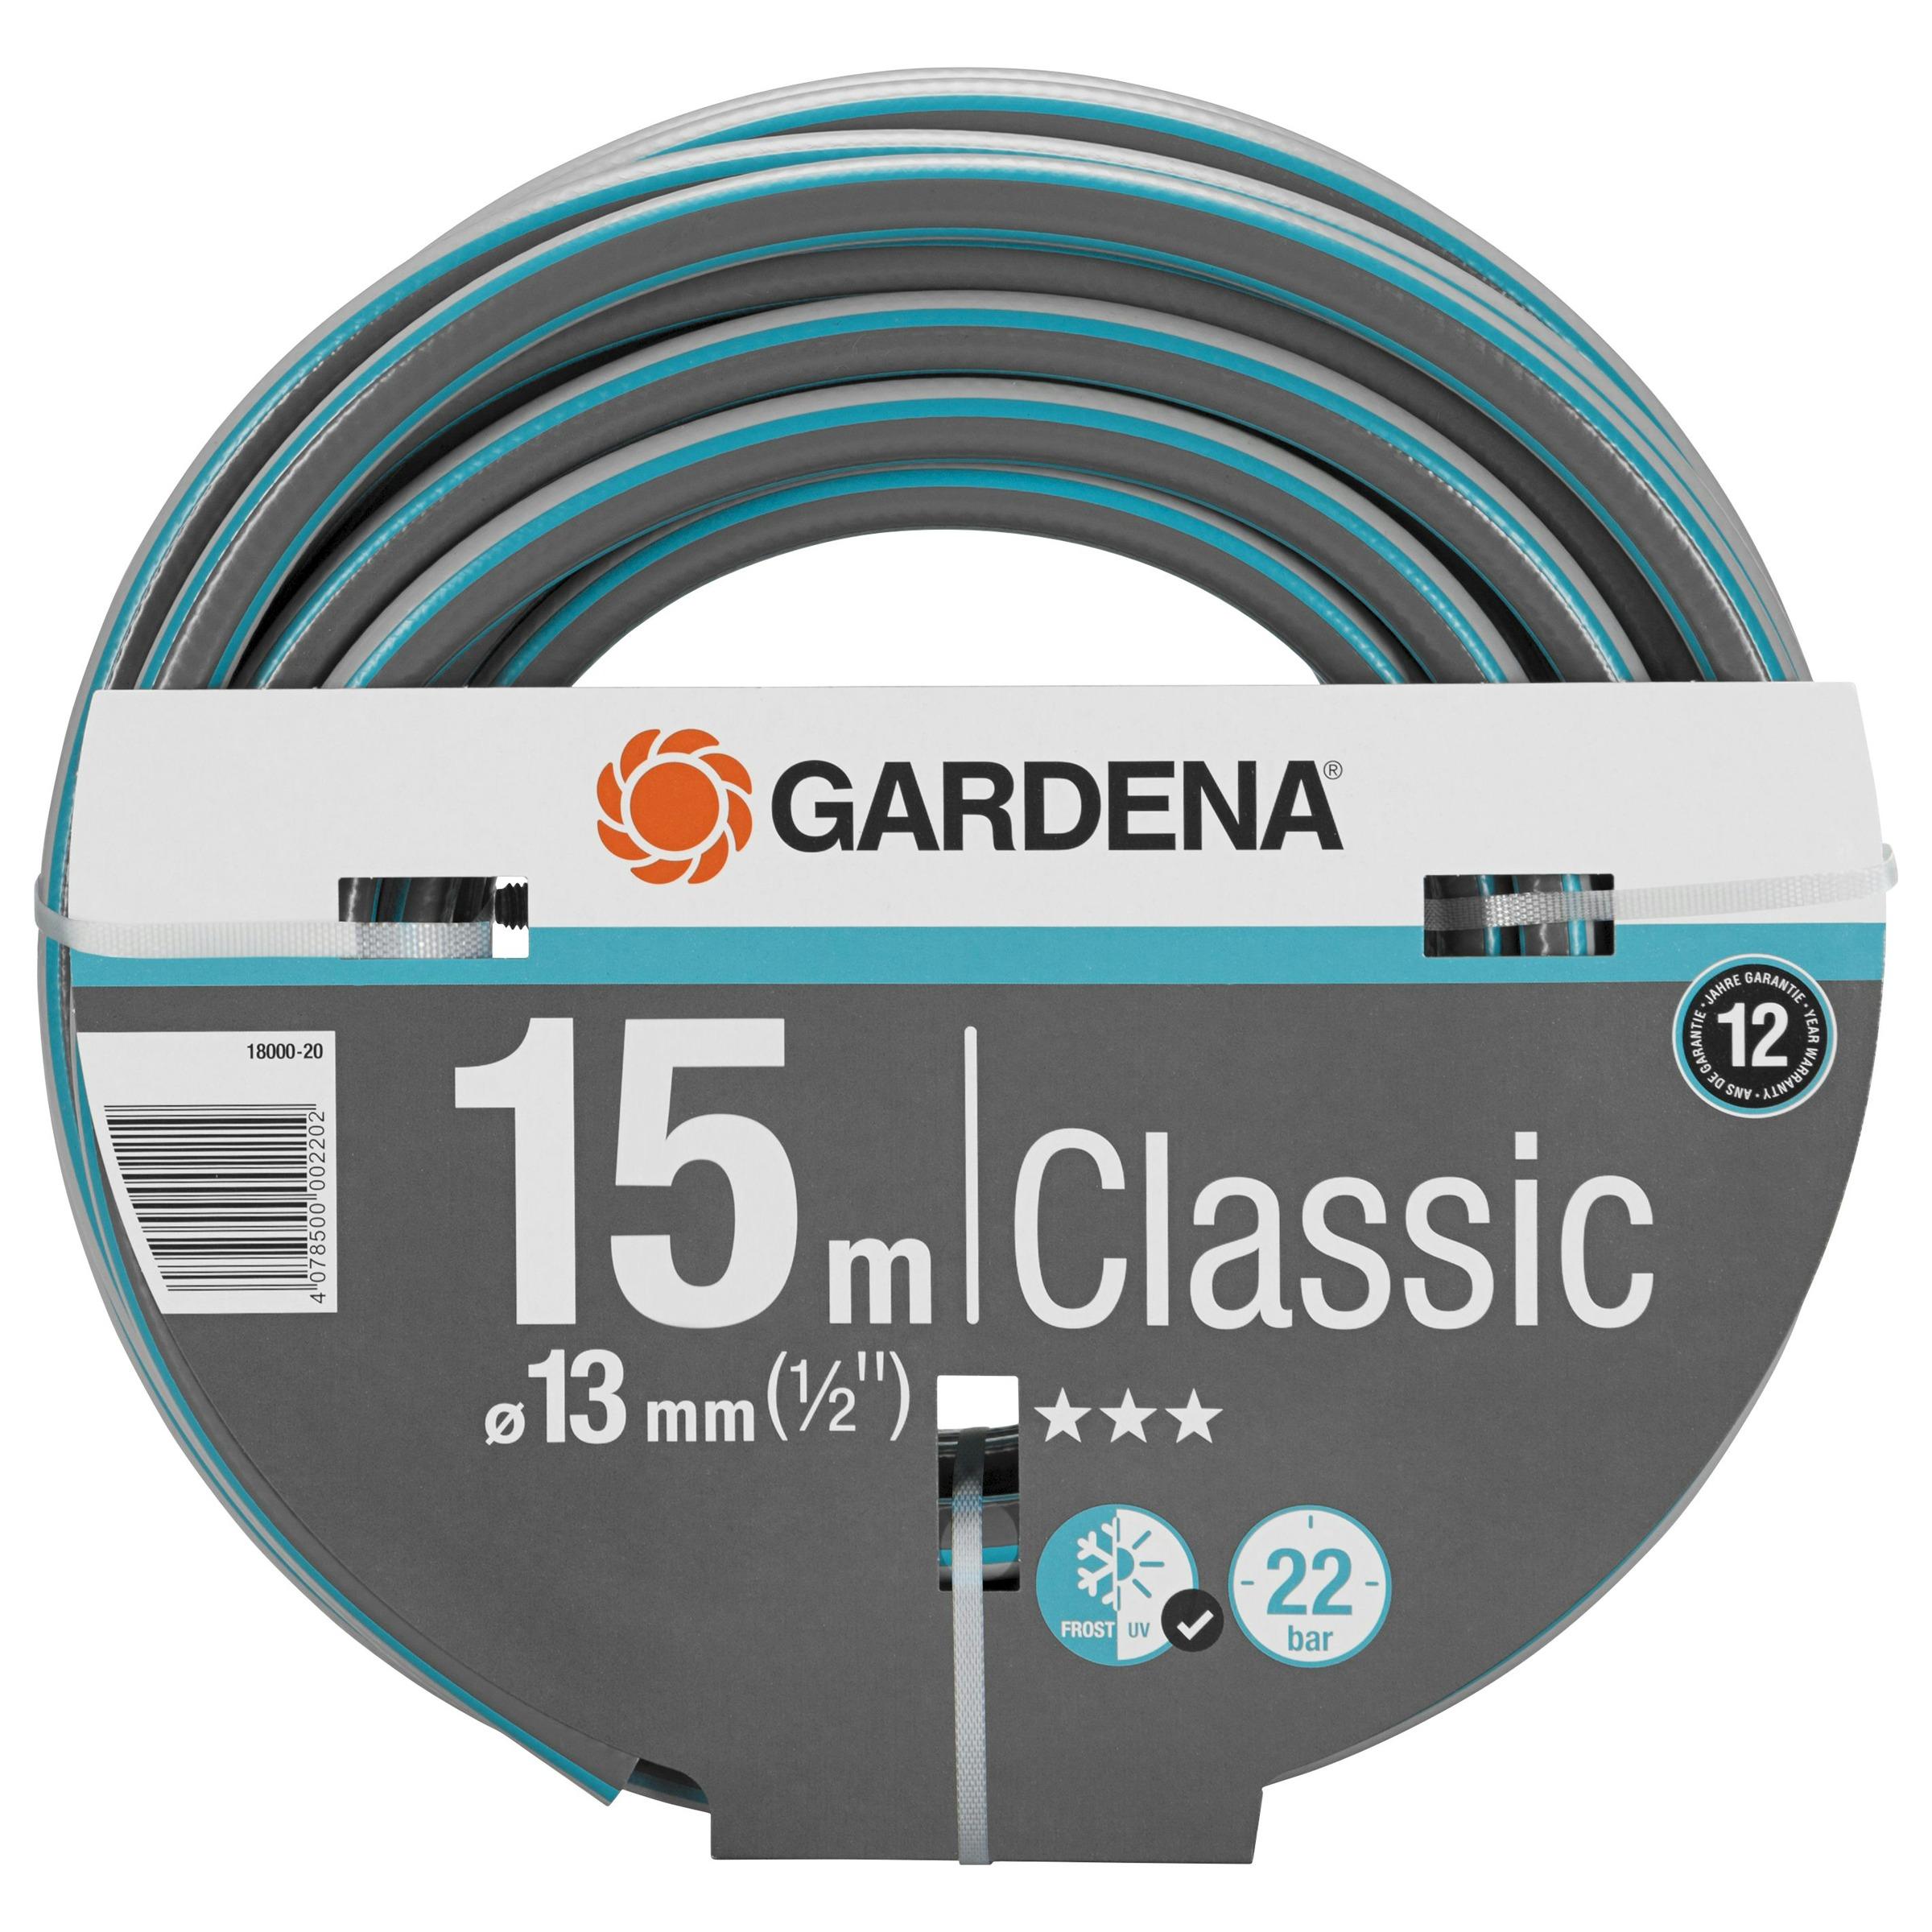 Gardena Classic tuinslang 15 m 18000-20